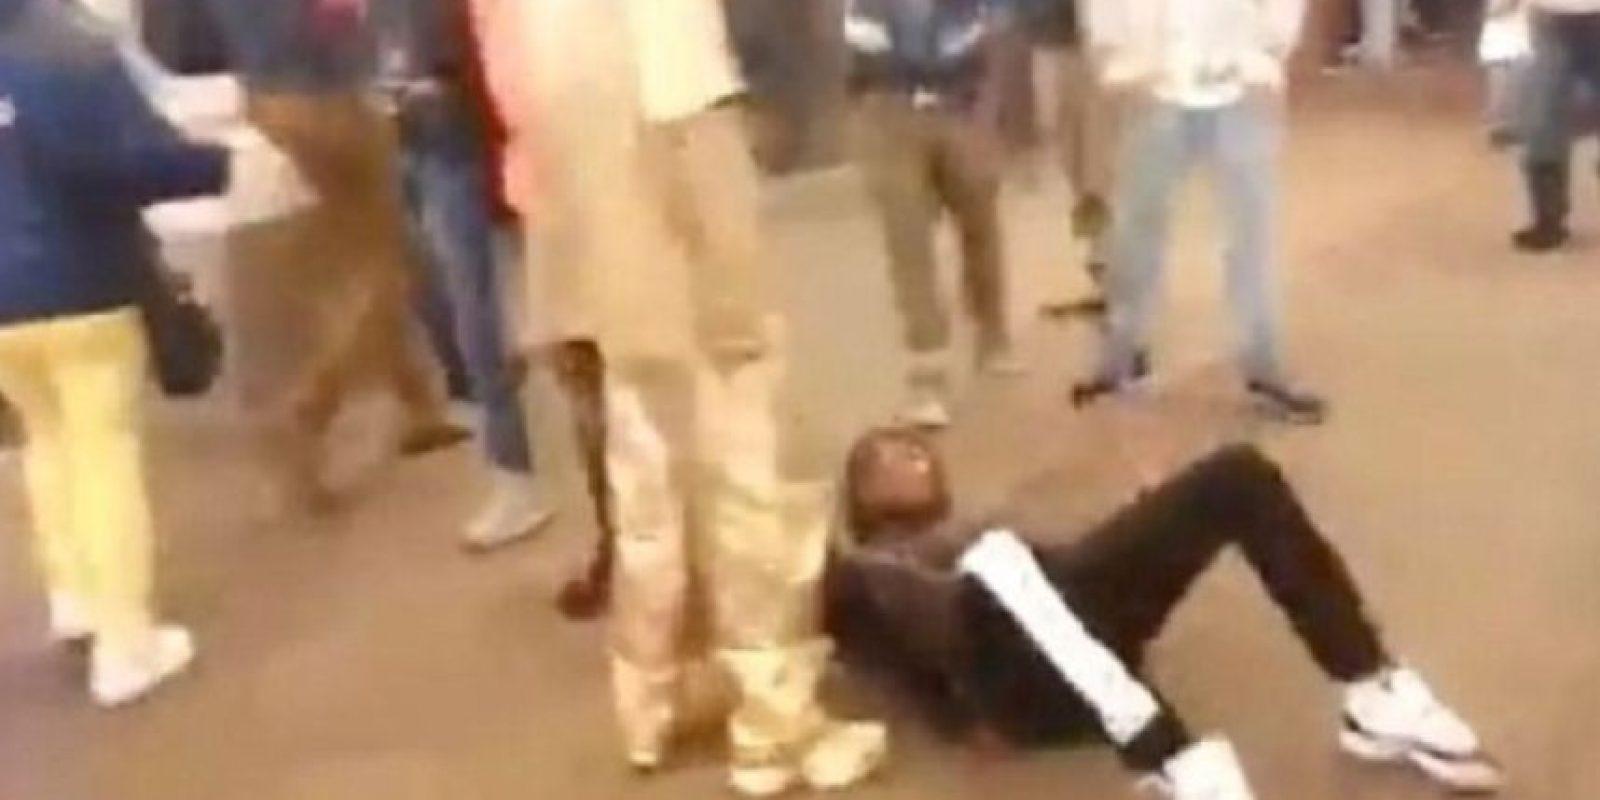 Sucedió en Times Square, en Nueva York, y lo único que recibió fue una patada en el rostro. Foto:Youtube/Jason King